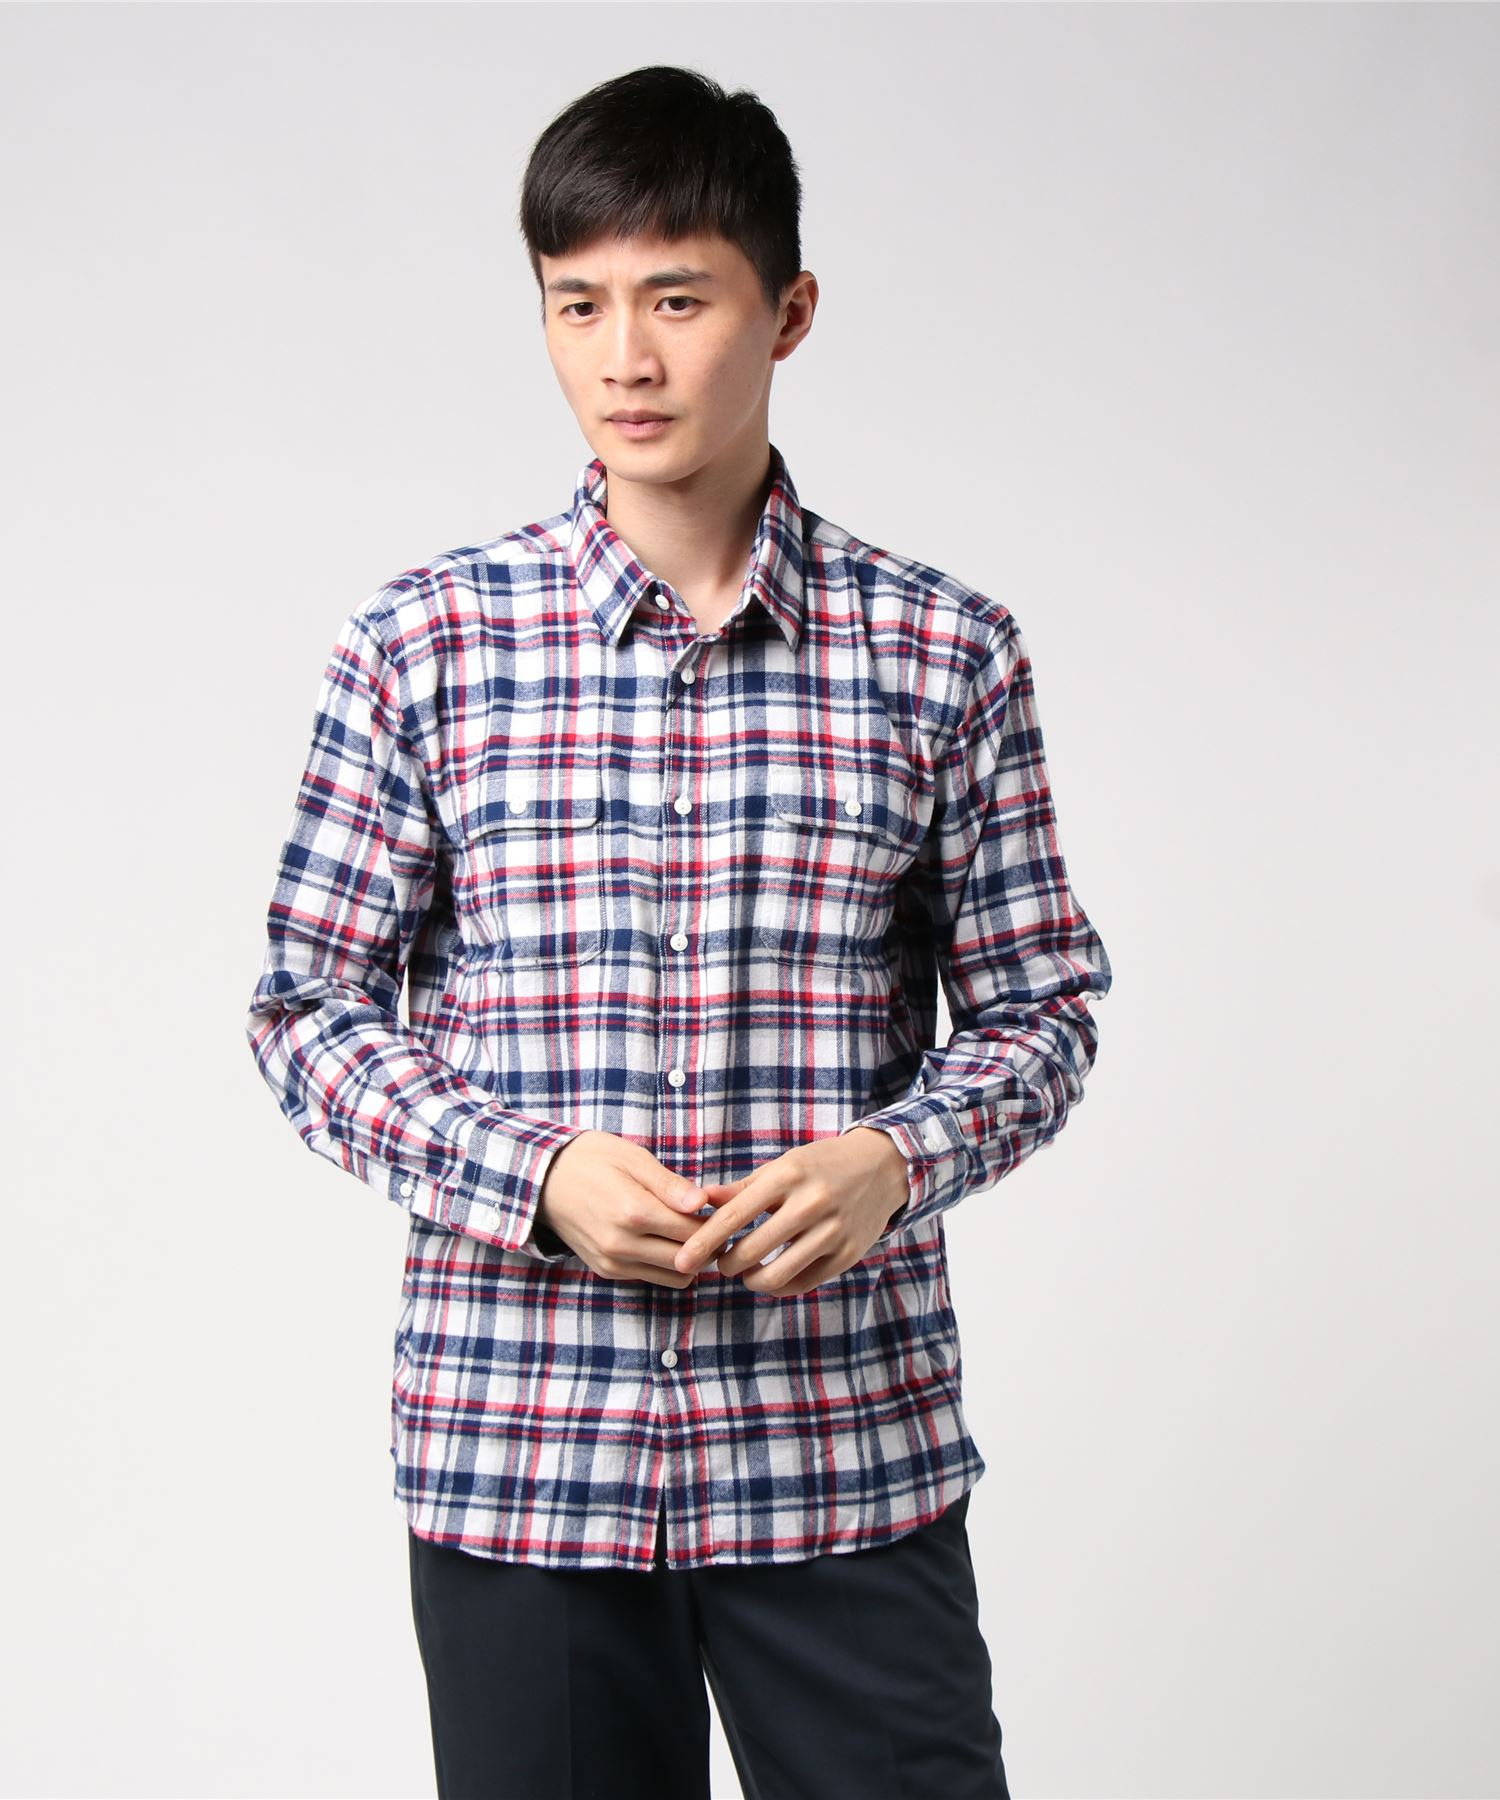 ネルチェックシャツ ユニセックス フラップポケット ワークテイスト